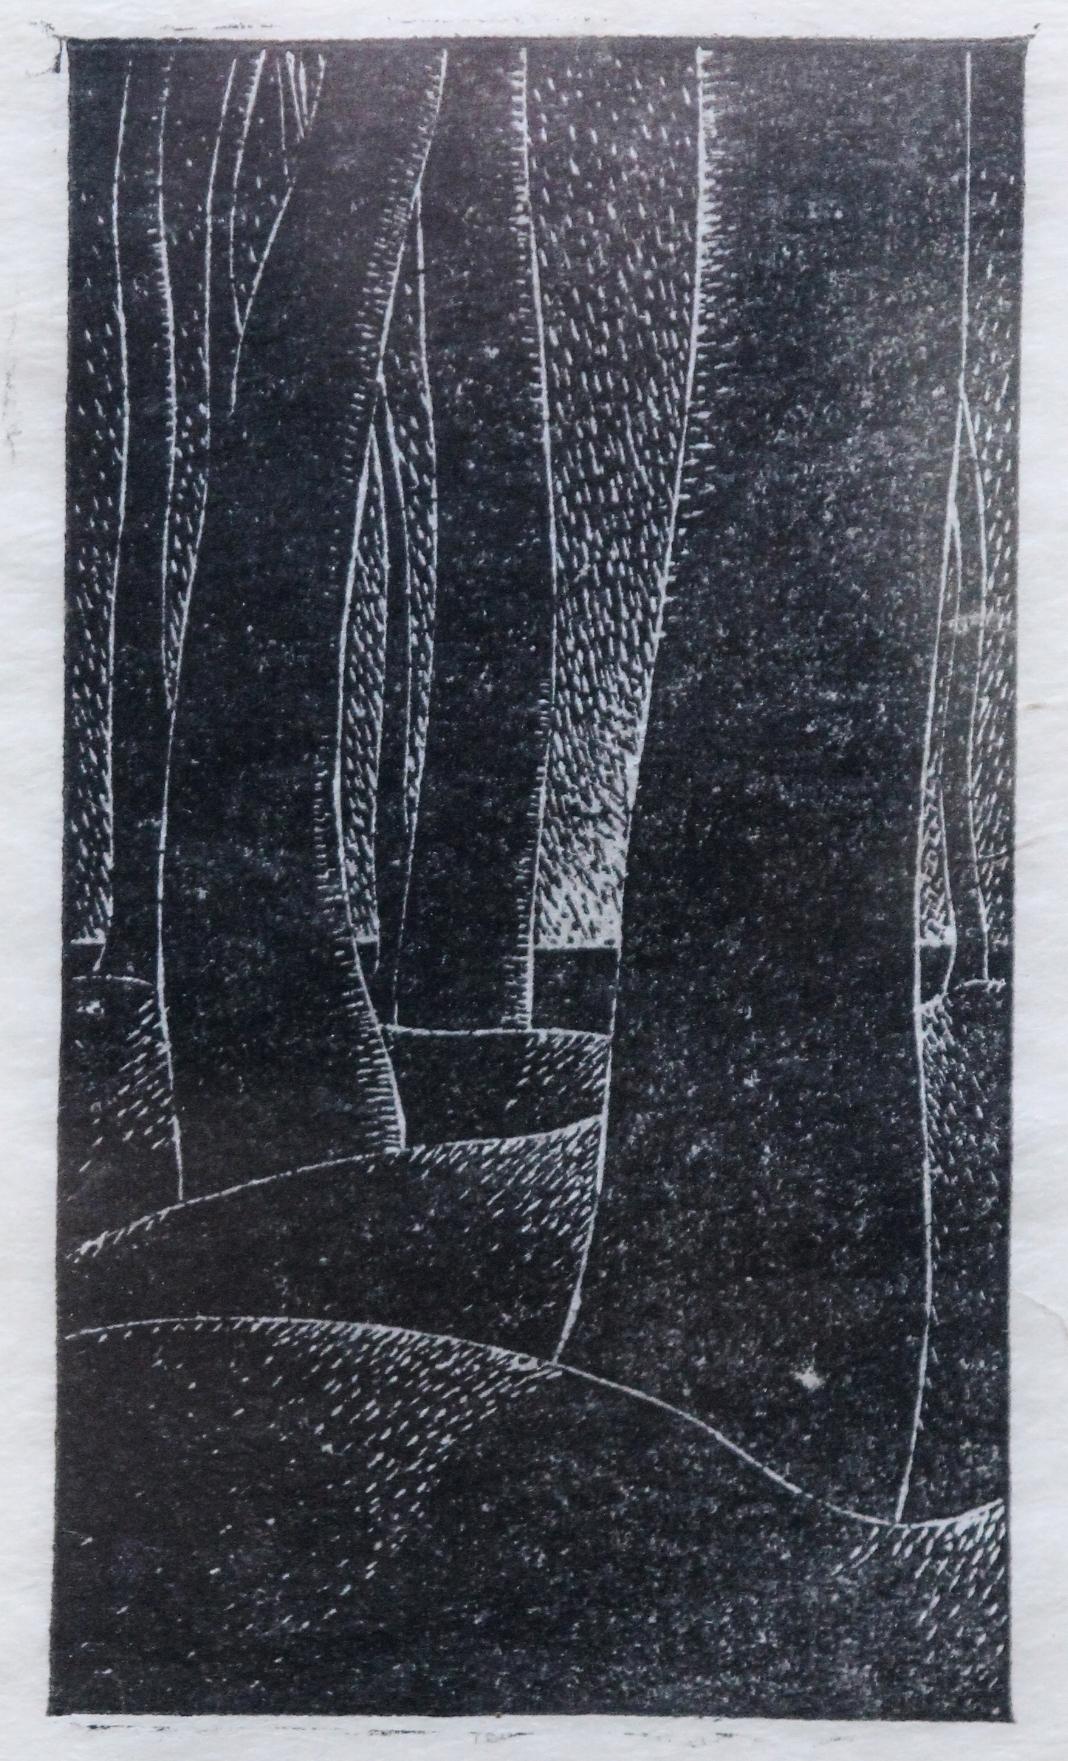 L.L. Fitzgerald, Christmas Card, 1934